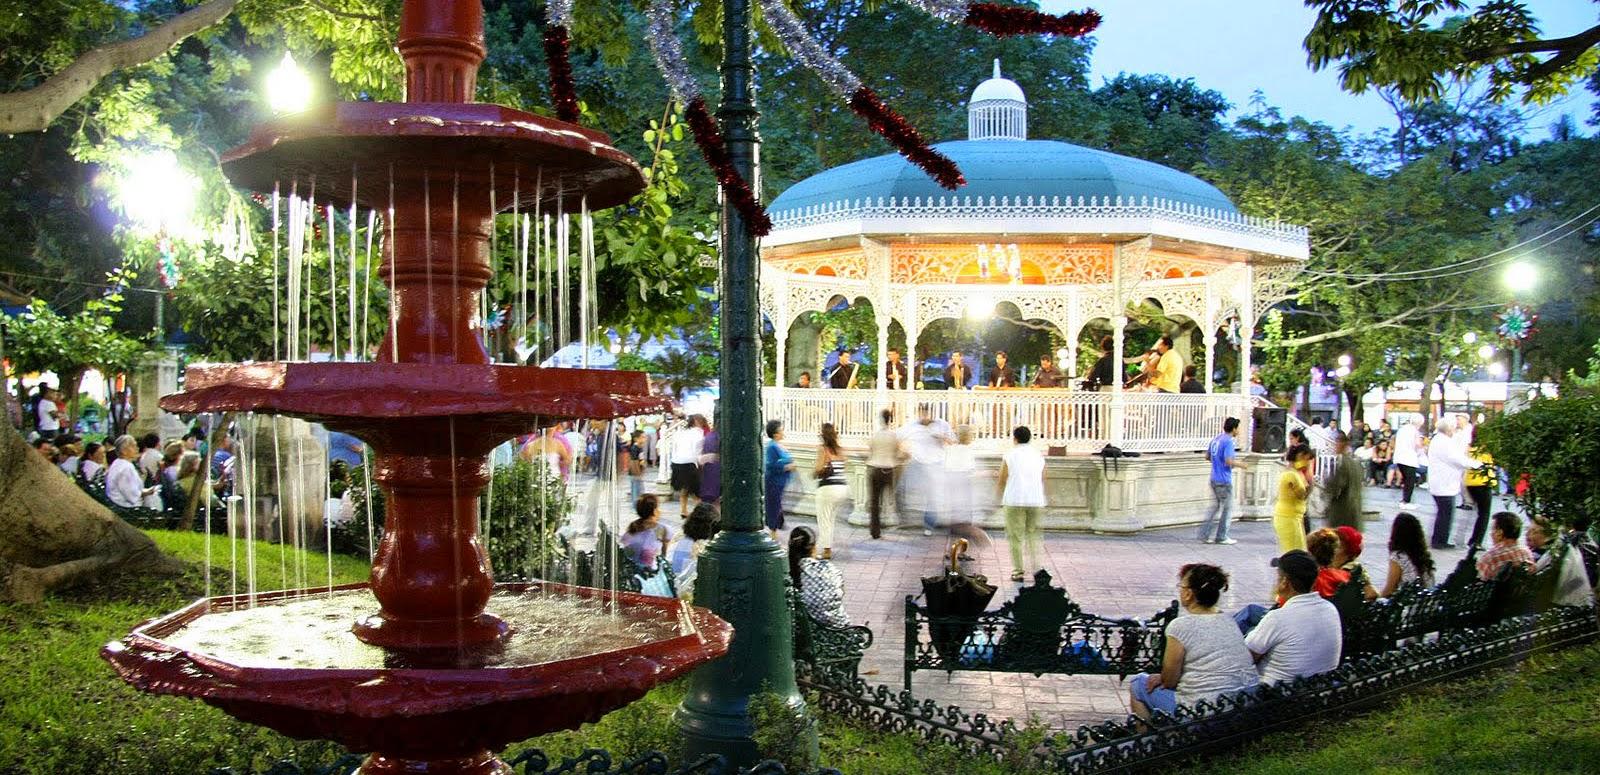 Personas caminando por el parque de las Marimbas